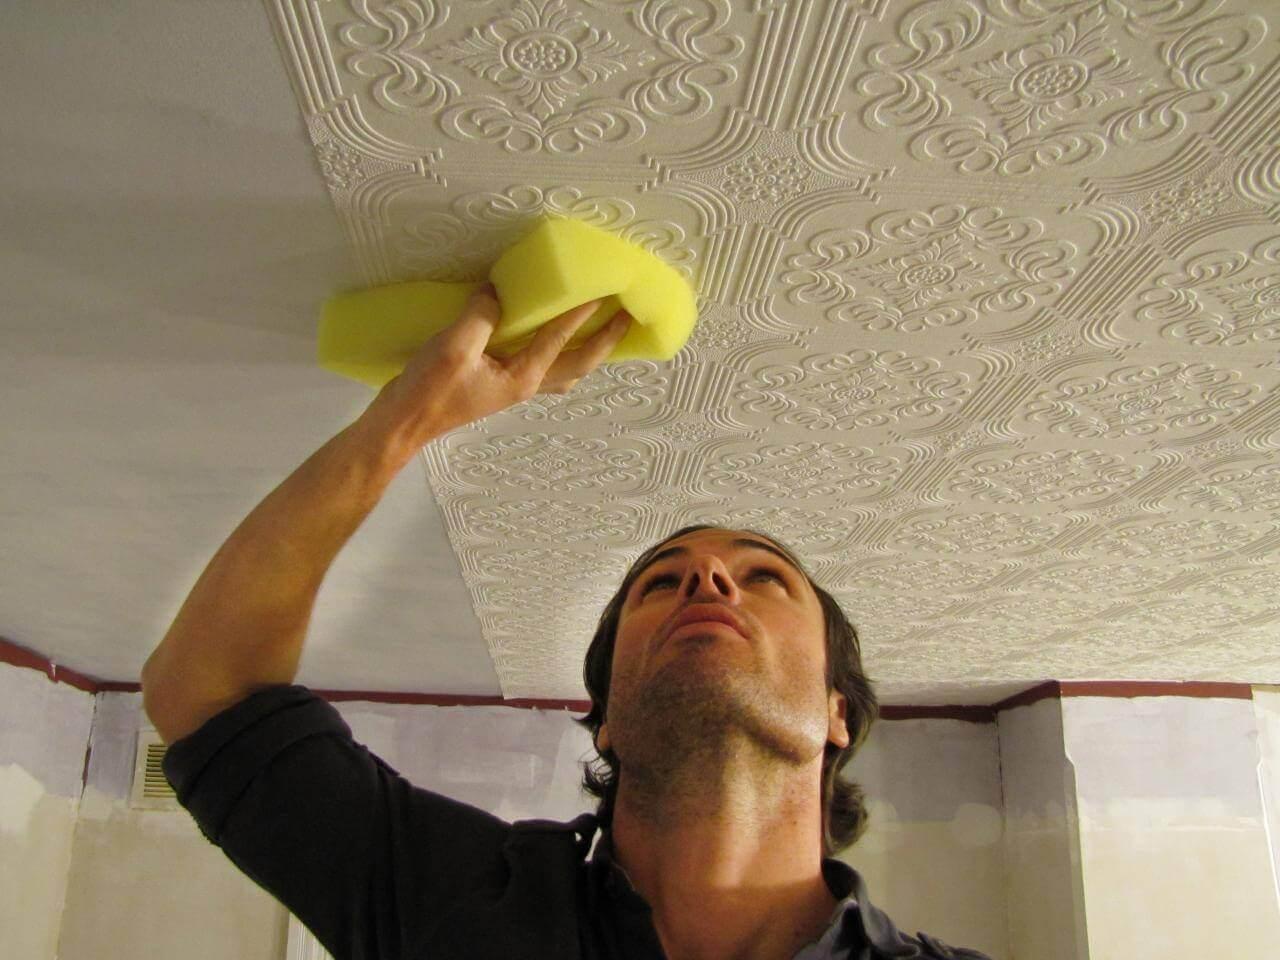 обои на потолок под покраску